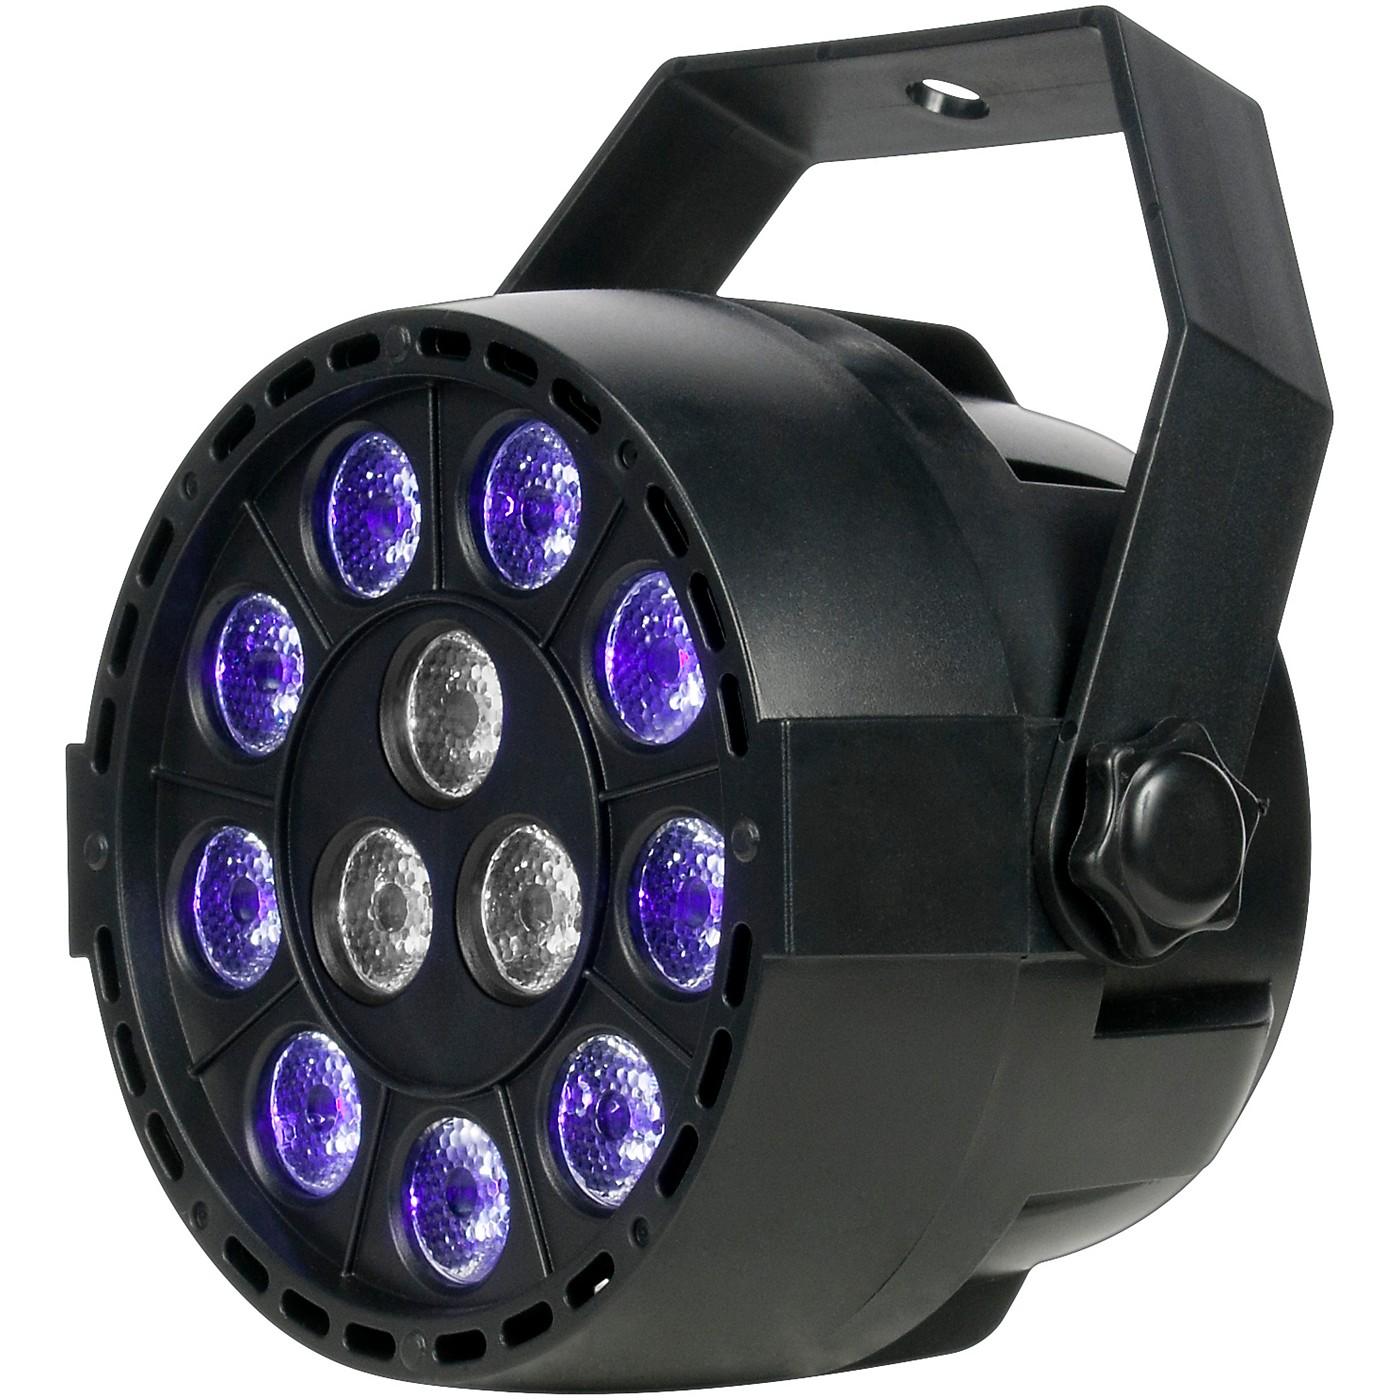 Eliminator Lighting Mini Par UVW LED Black Light with Strobe thumbnail